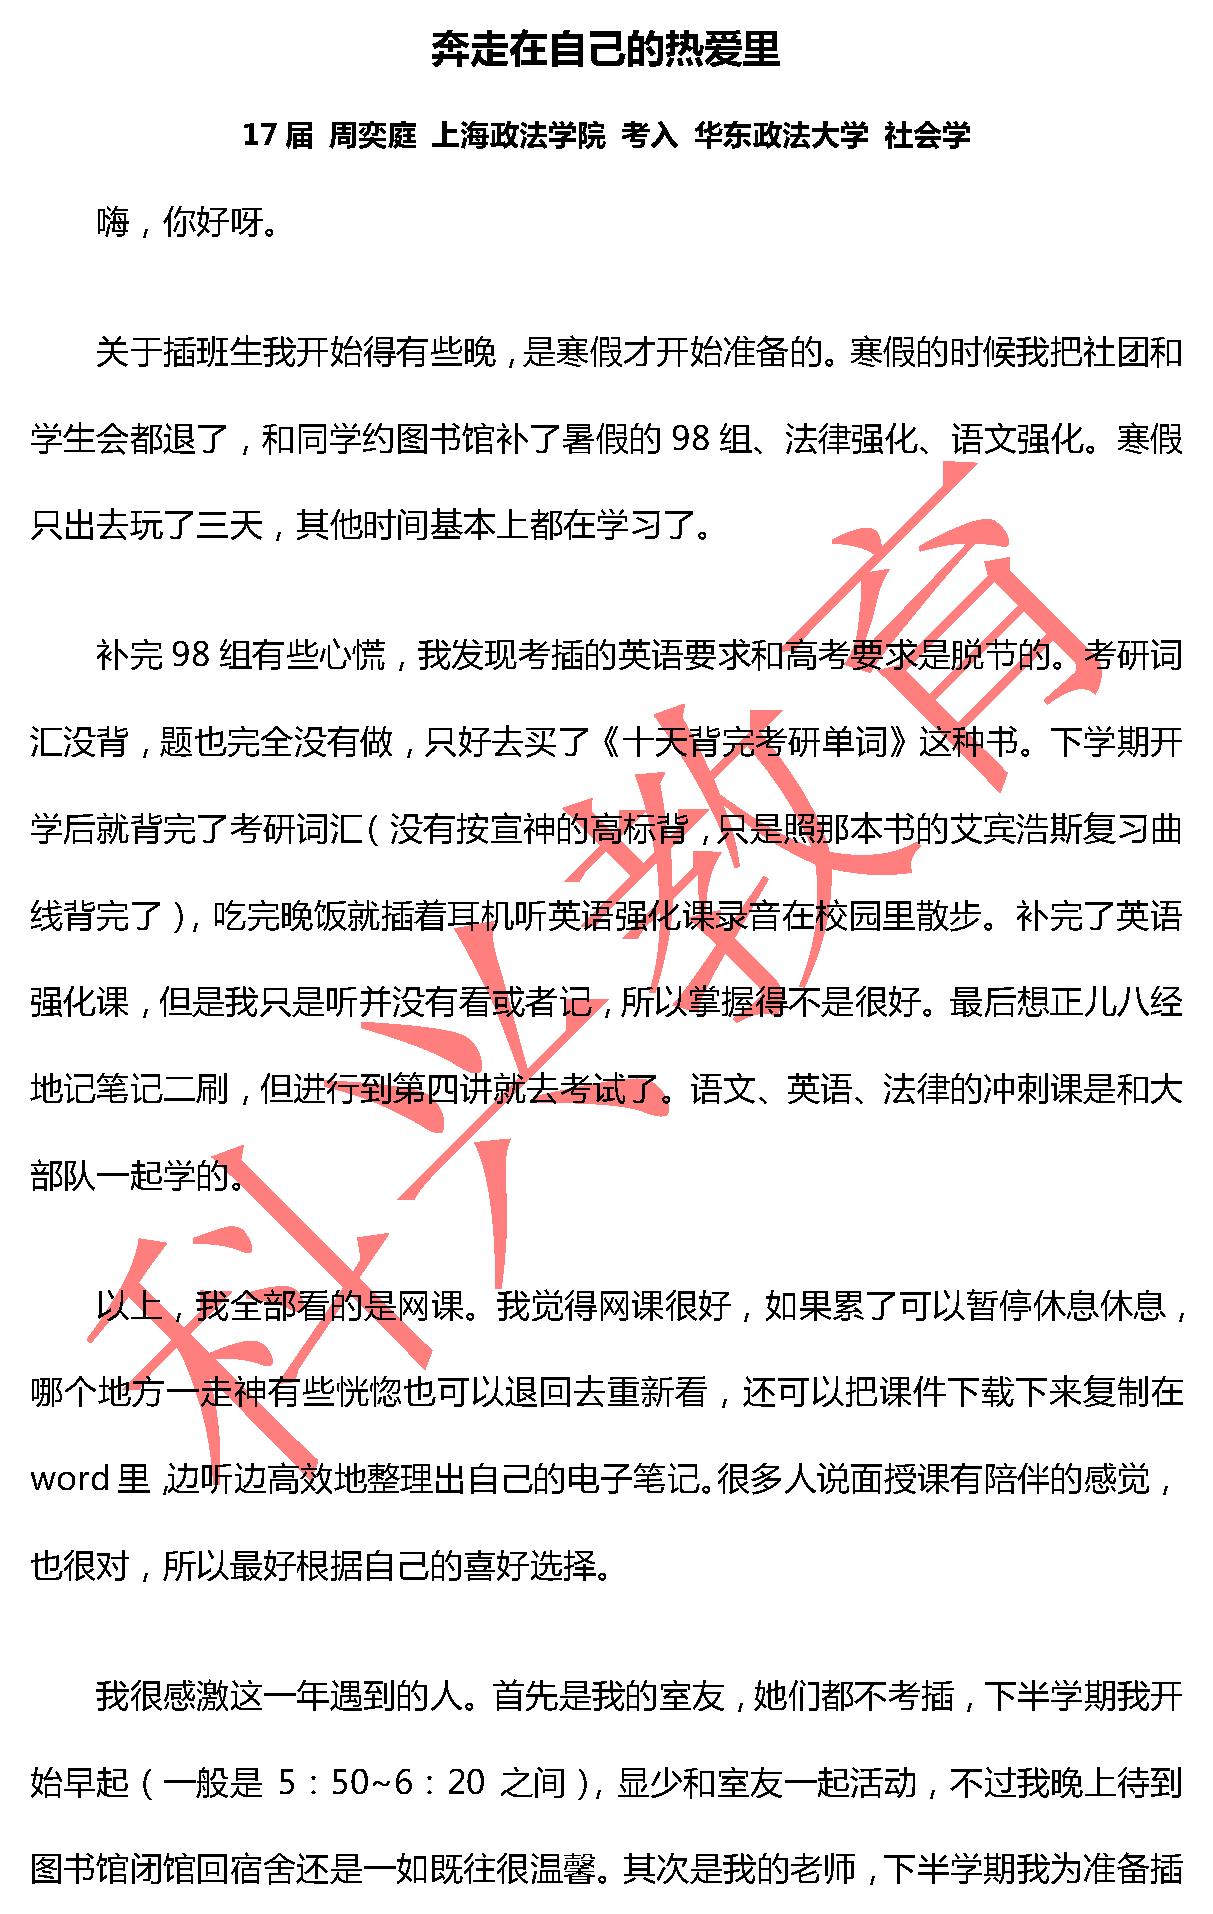 华政周奕庭:奔走在自己的热爱里(17届)